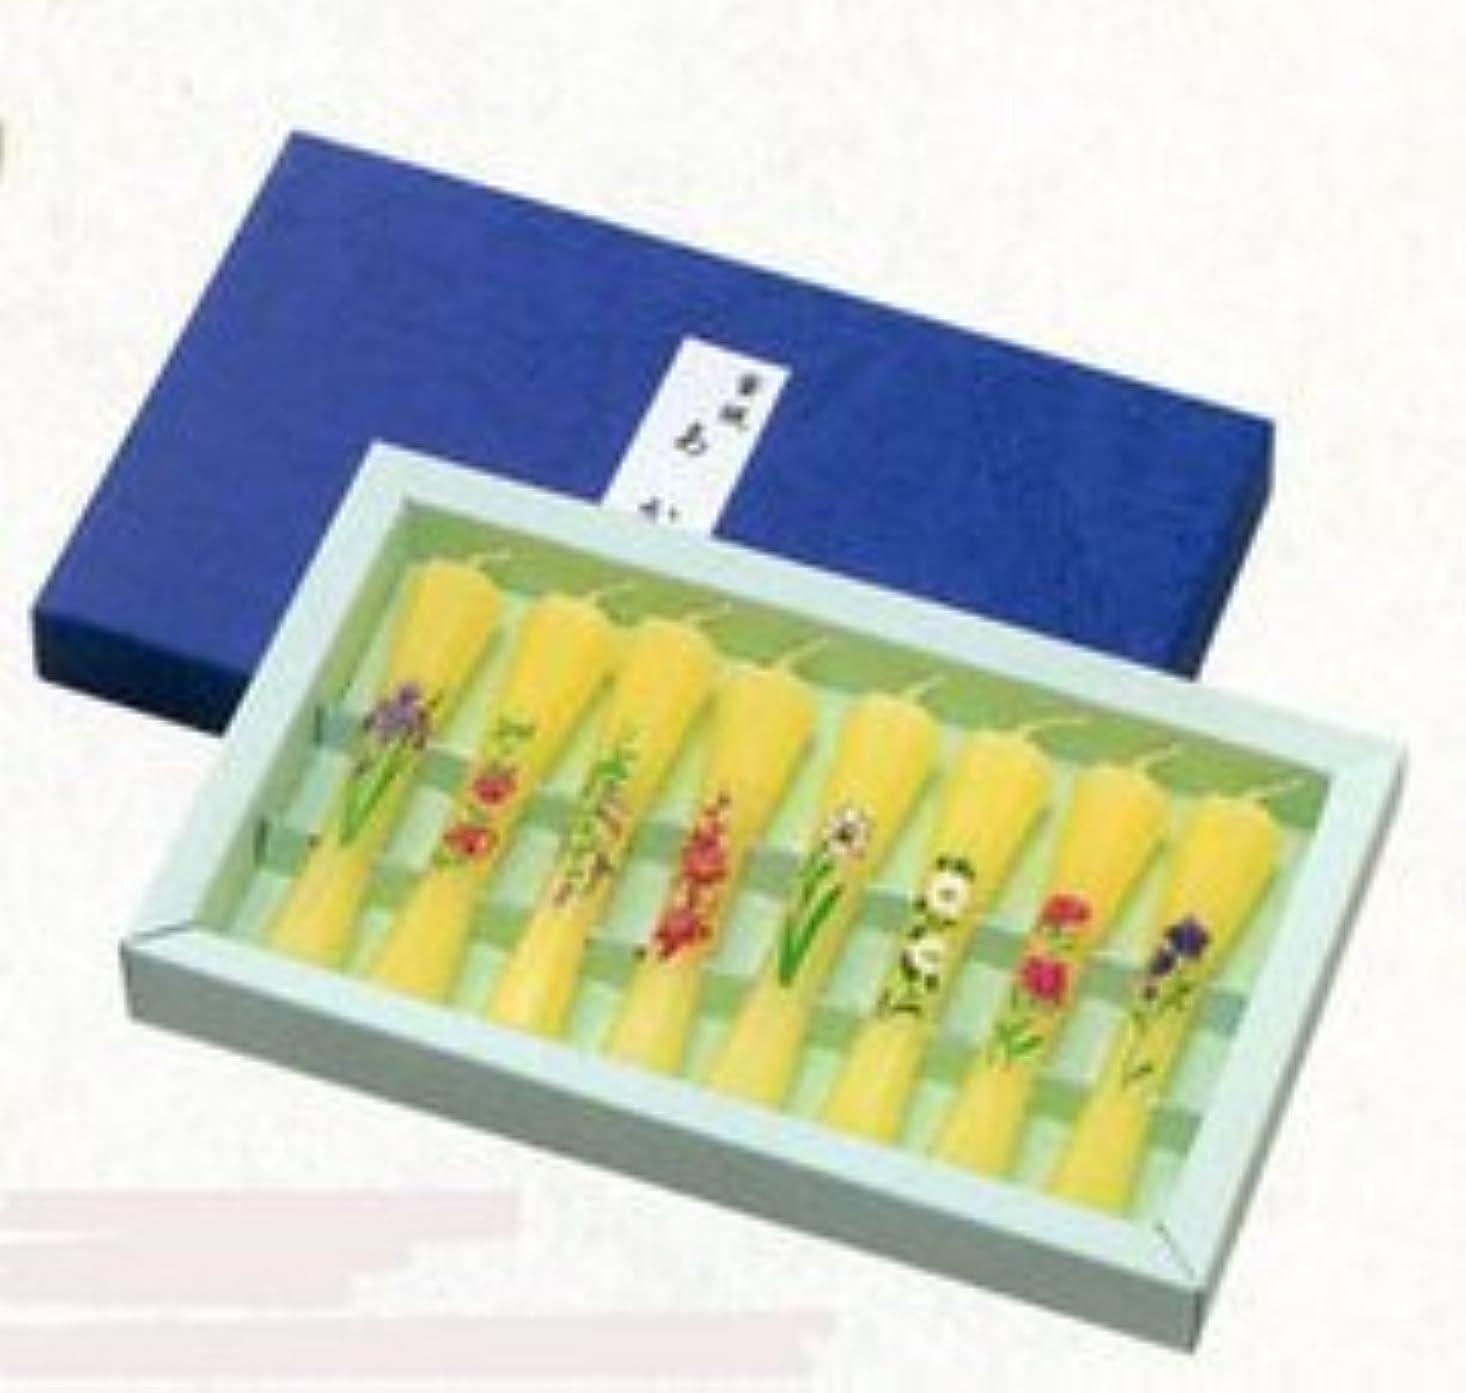 原子ヒゲクジラ責める鮮やかな花の絵ローソク8本 蜜蝋(みつろー) 茜 絵ローソク